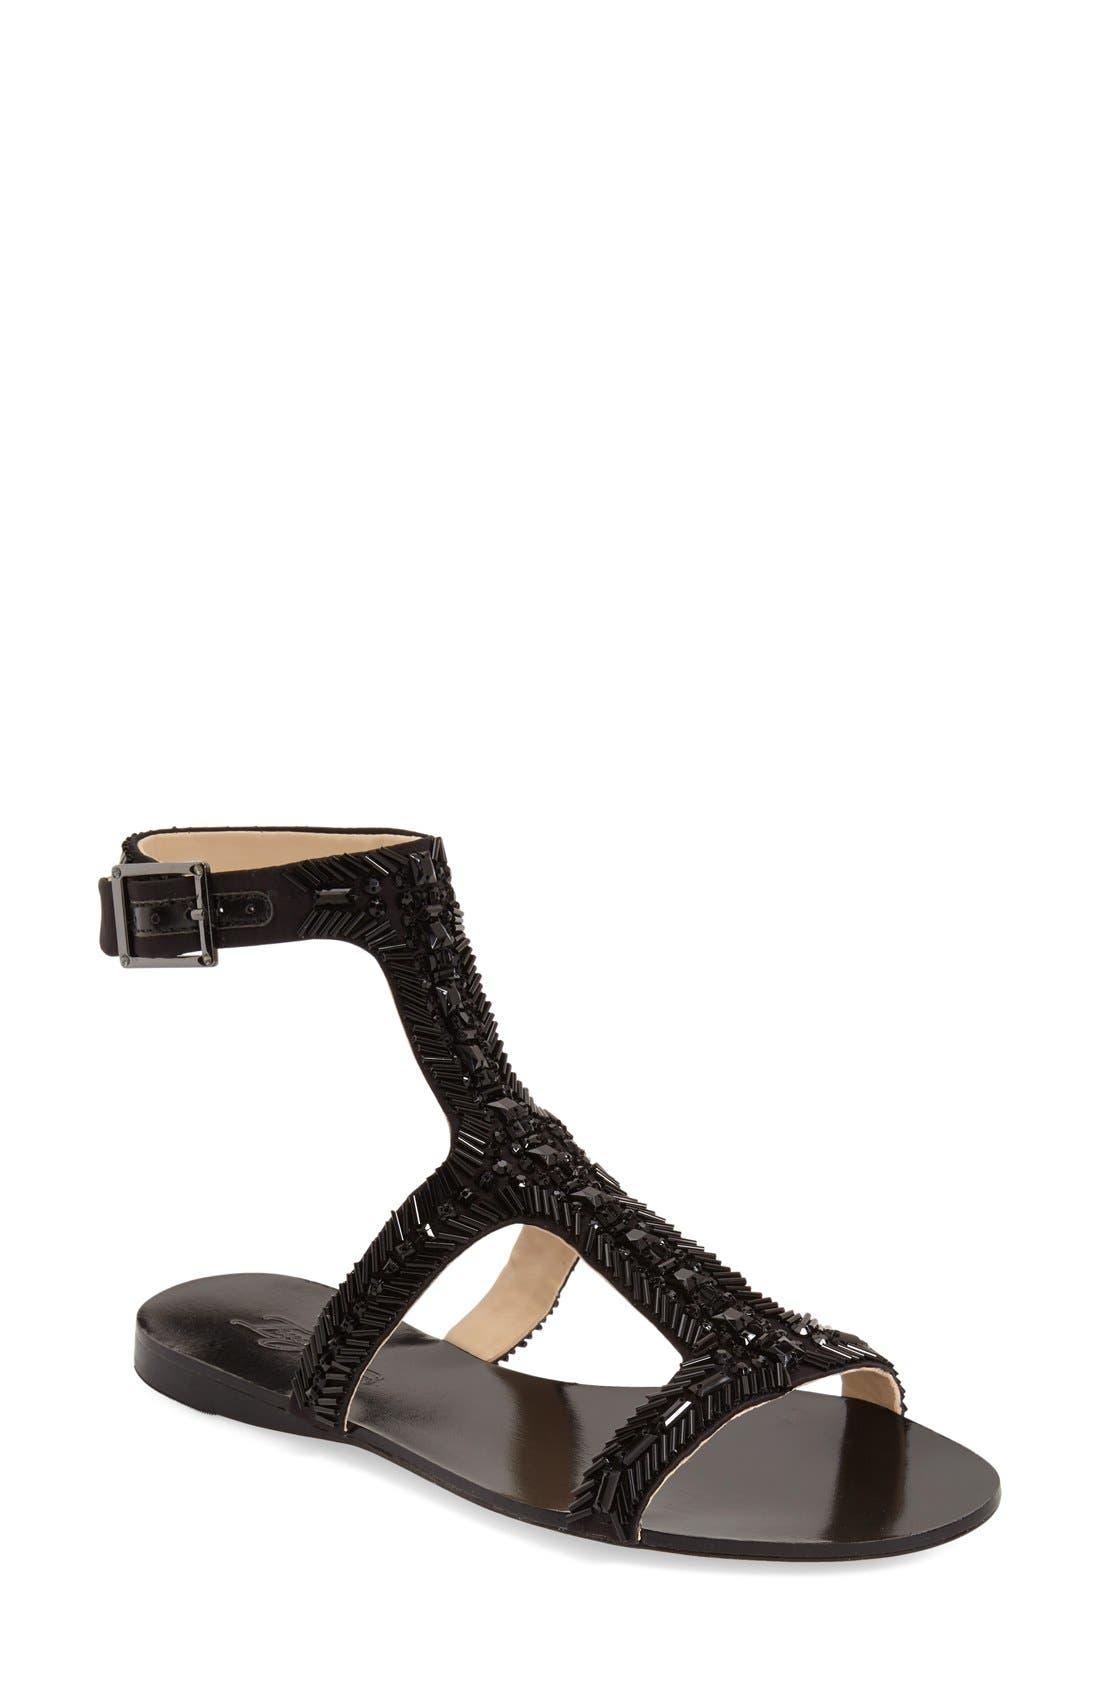 Imagine Vince Camuto 'Reid' Embellished T-Strap Flat Sandal,                         Main,                         color,